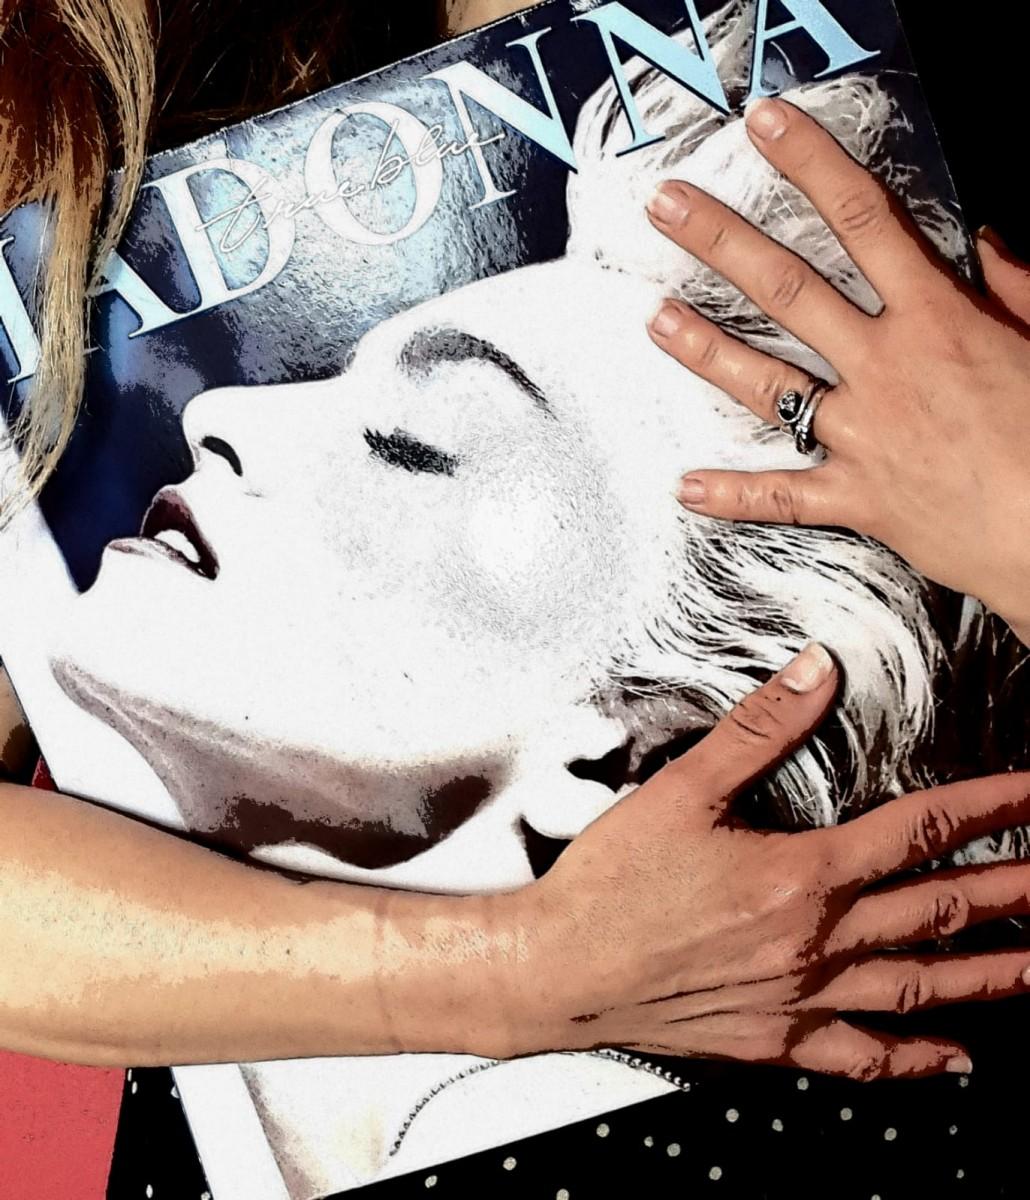 Web Side Stories: Madonna  (I):  El  equipo  al  completo  de  WSS  en  la  cama  con  la  Diva  del  Pop